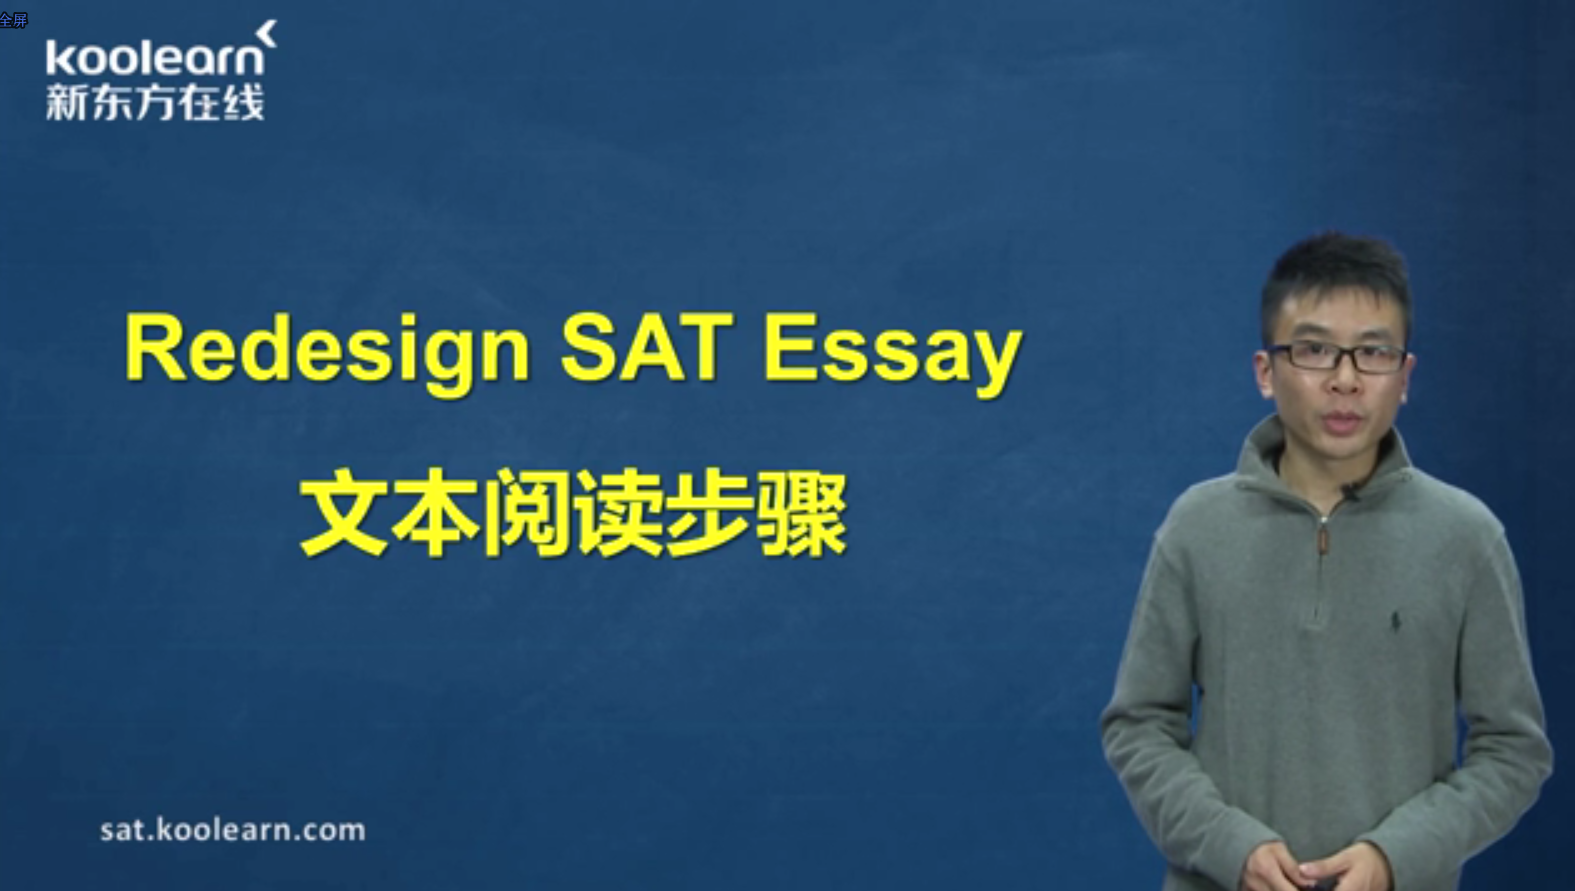 新东方在线名师李盛:新SAT写作考试文本阅读步骤